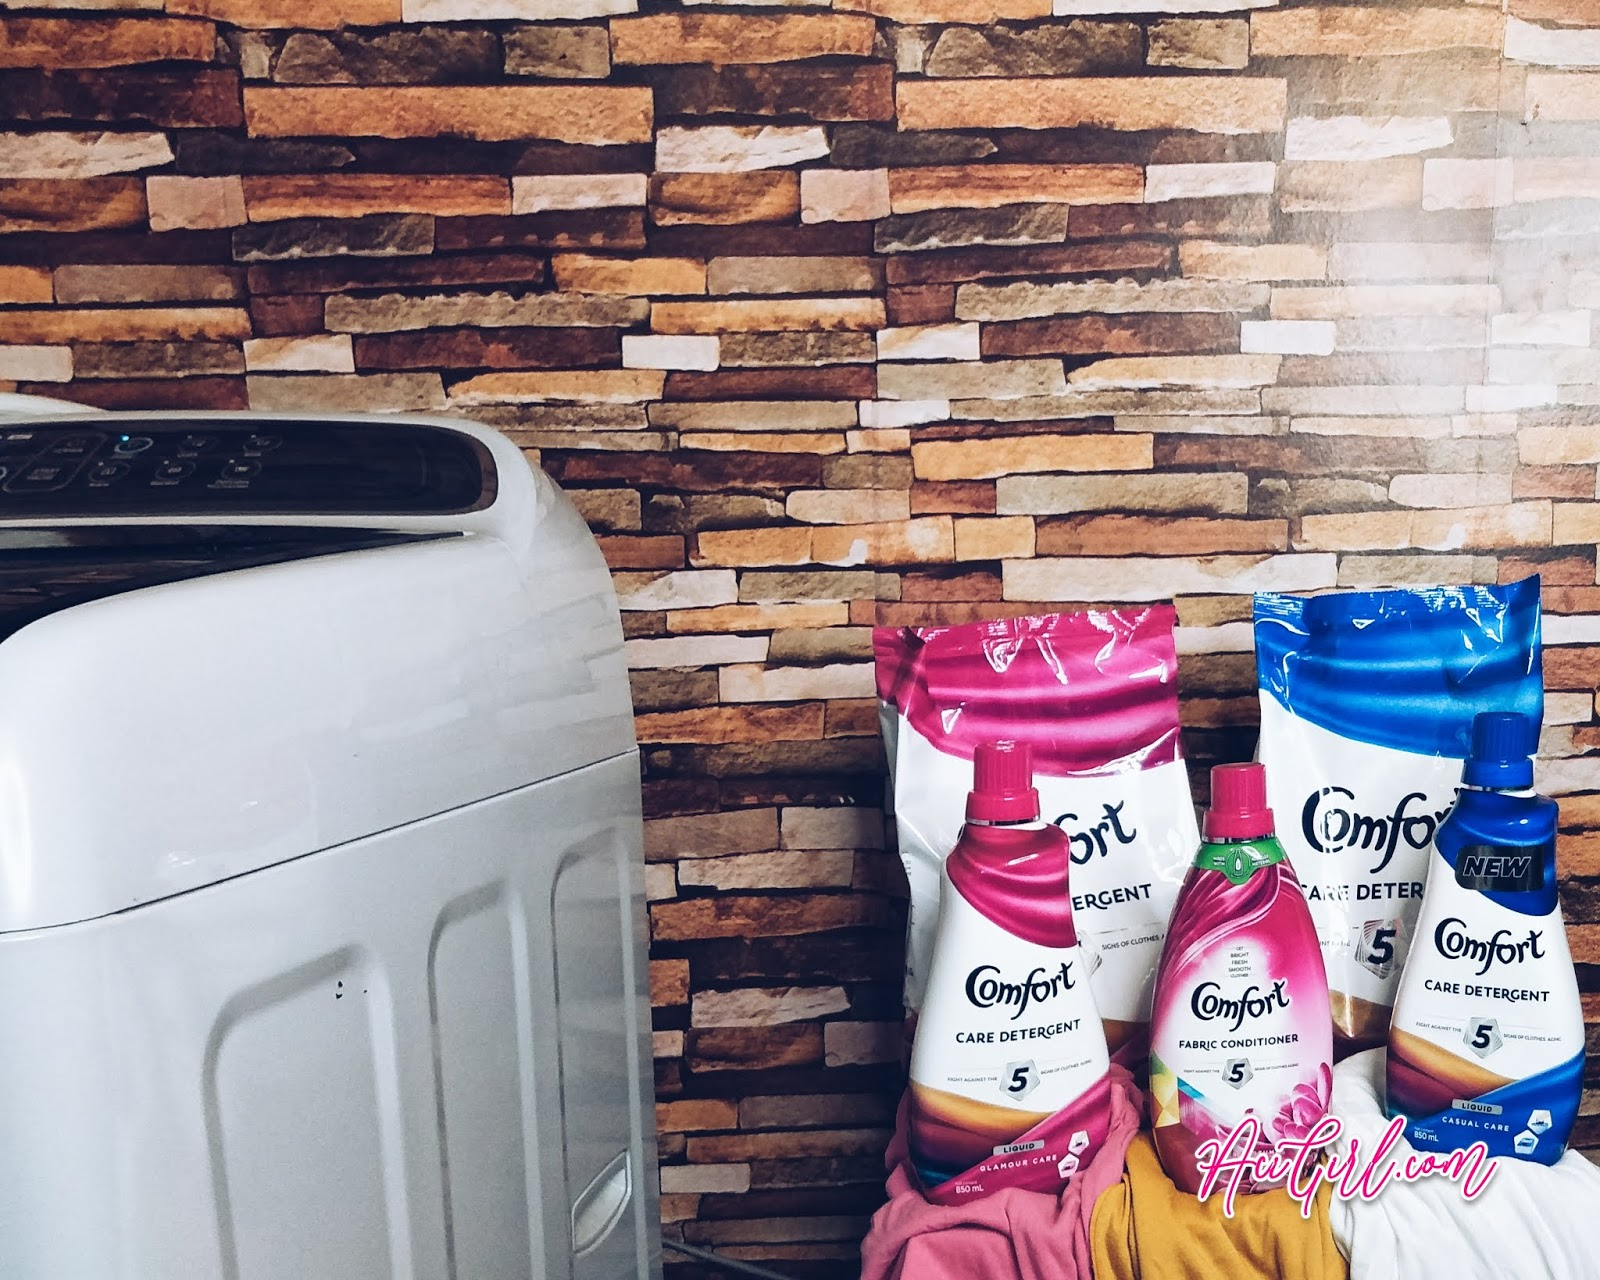 Comfort Care Detergent & Comfort Fabric Conditioner